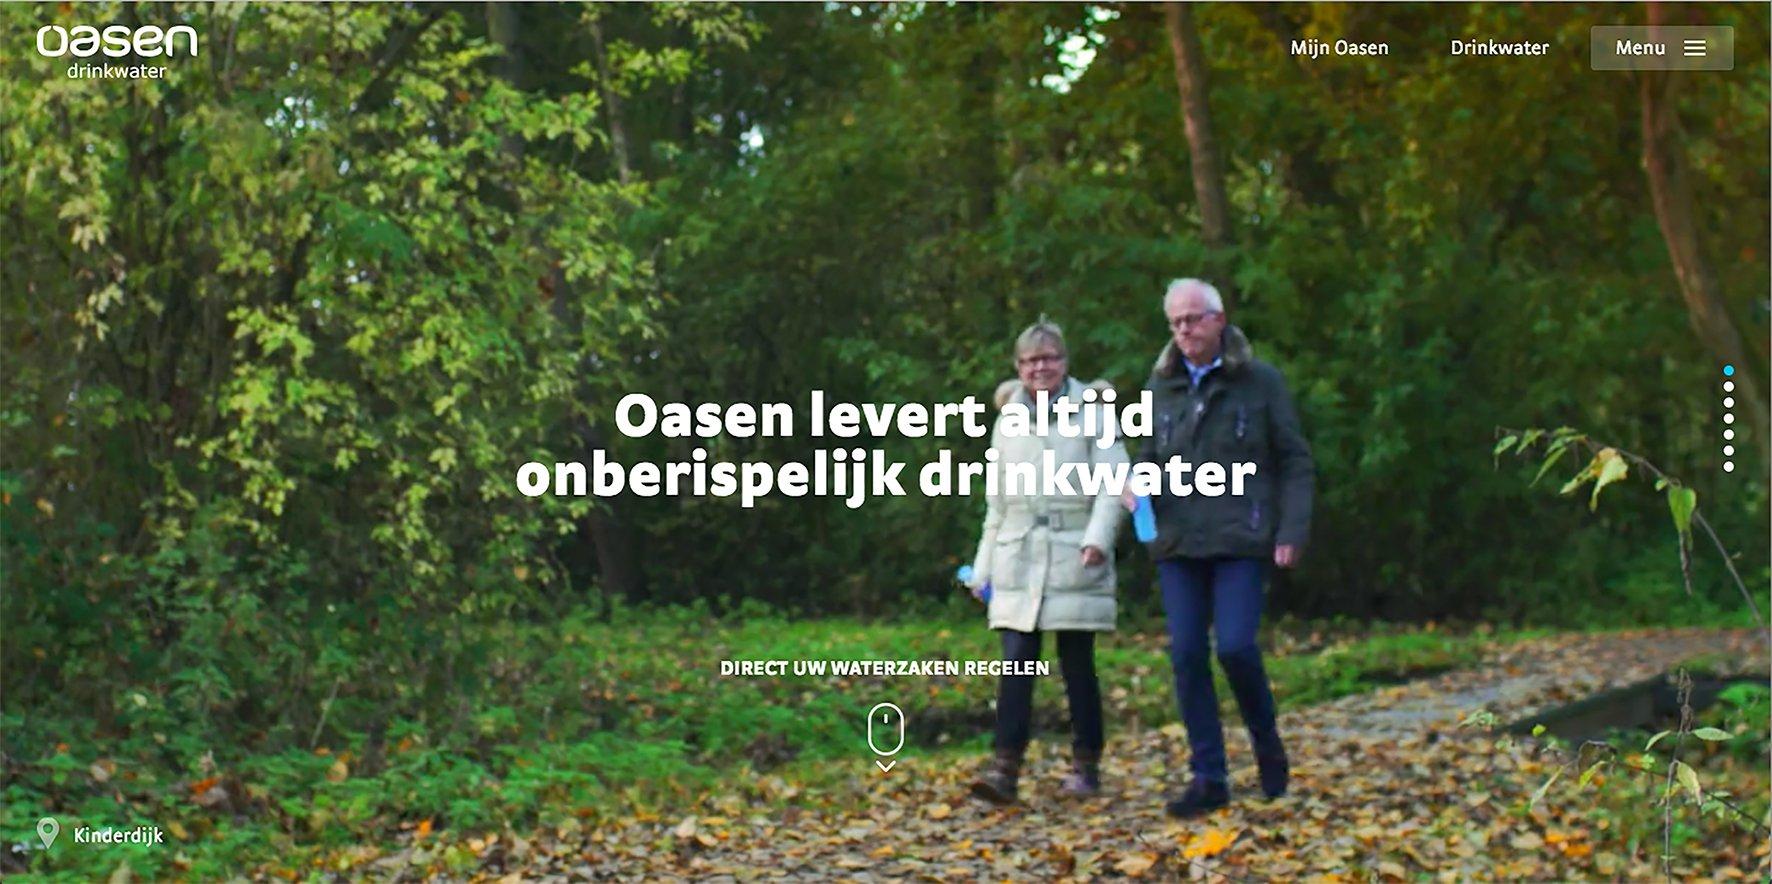 oasen-dutch-drinking-water-supplier